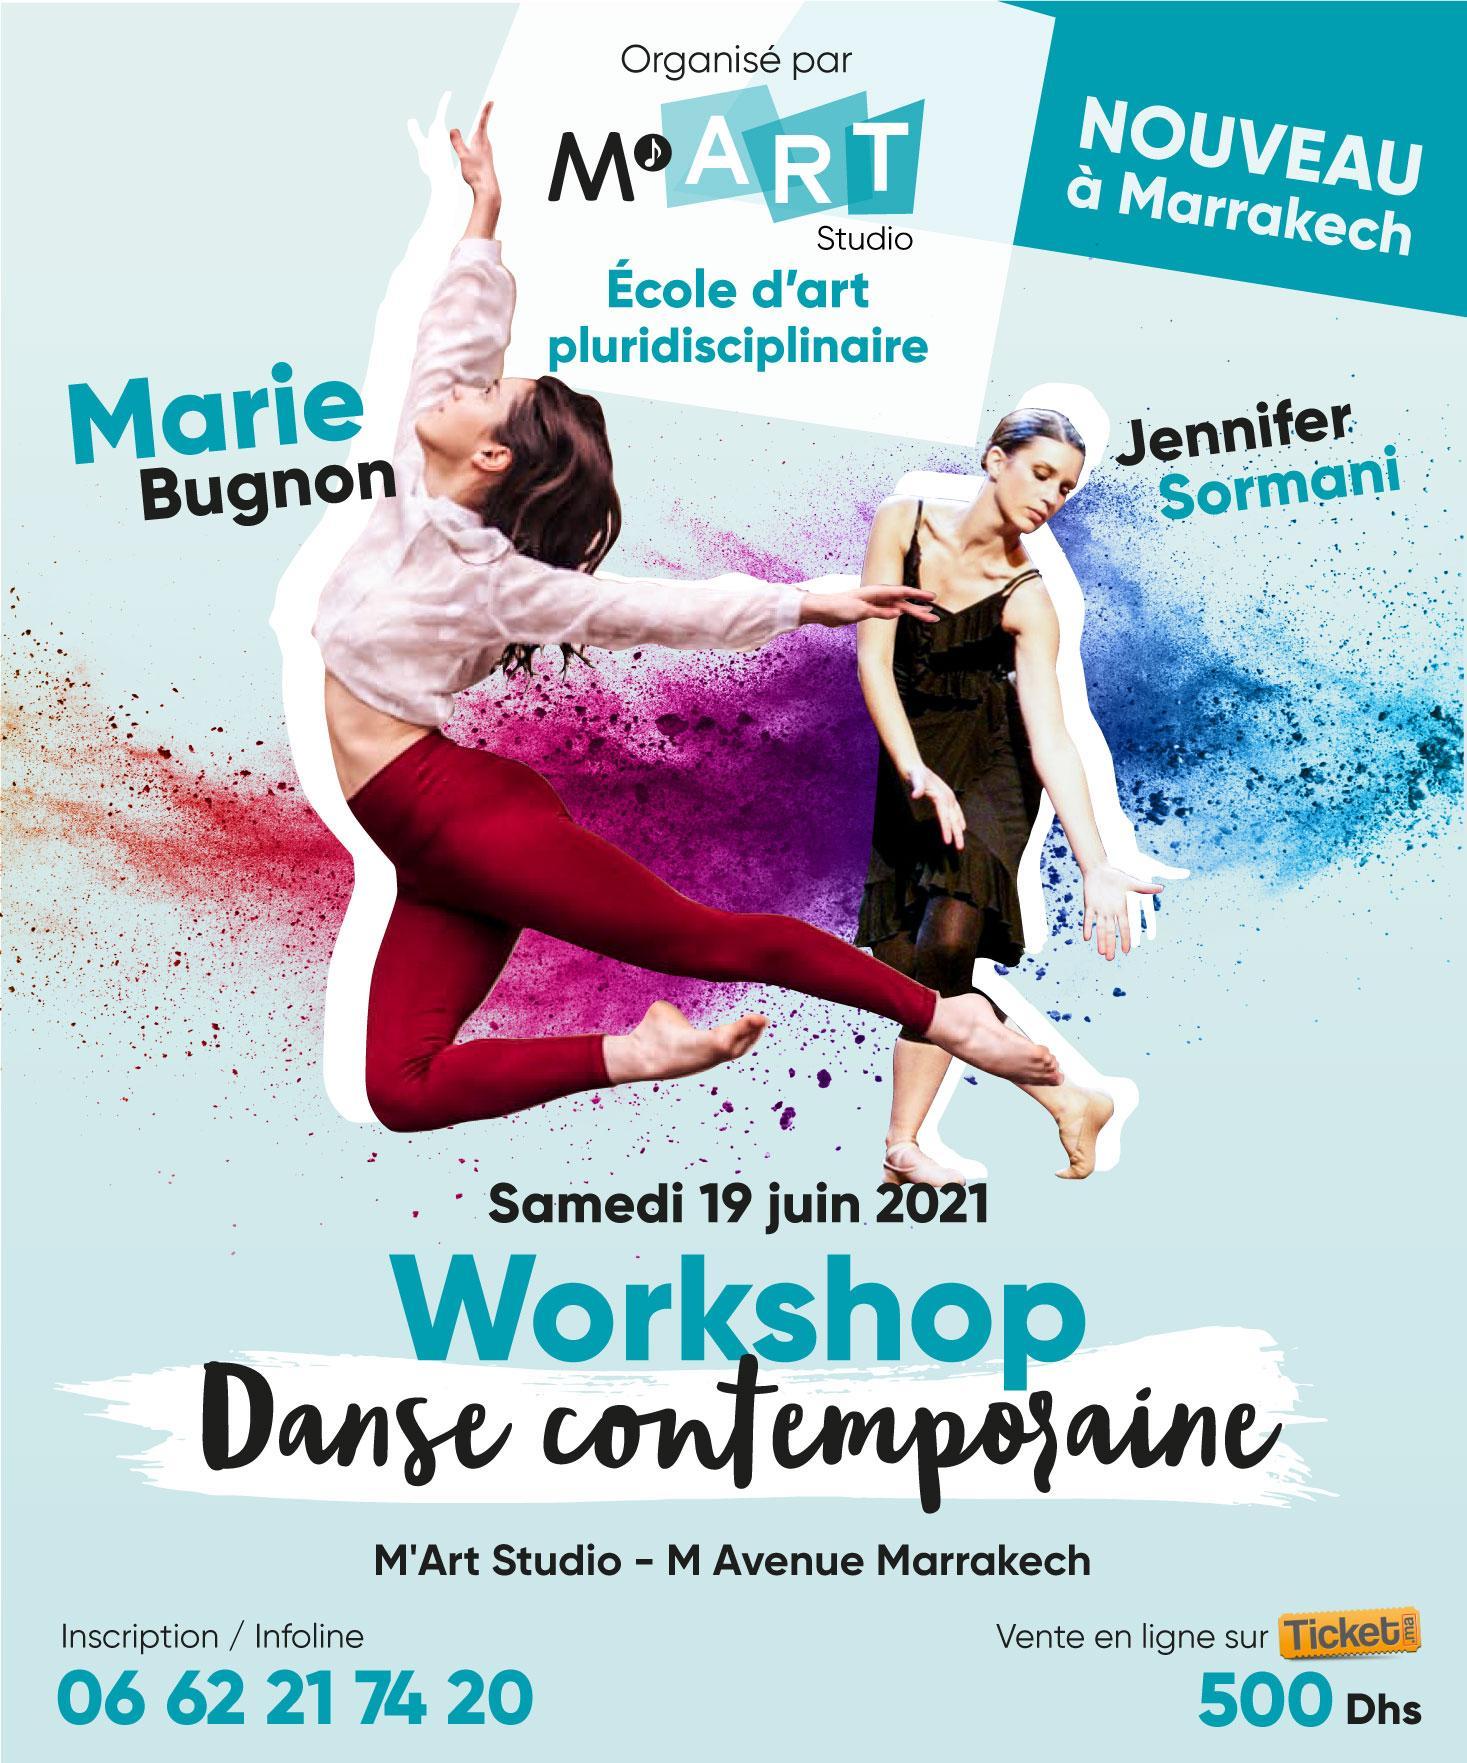 M'Art Studio organise un événement artistique inédit à Marrakech Avec Marie Bugnon & Jennifer Sormani